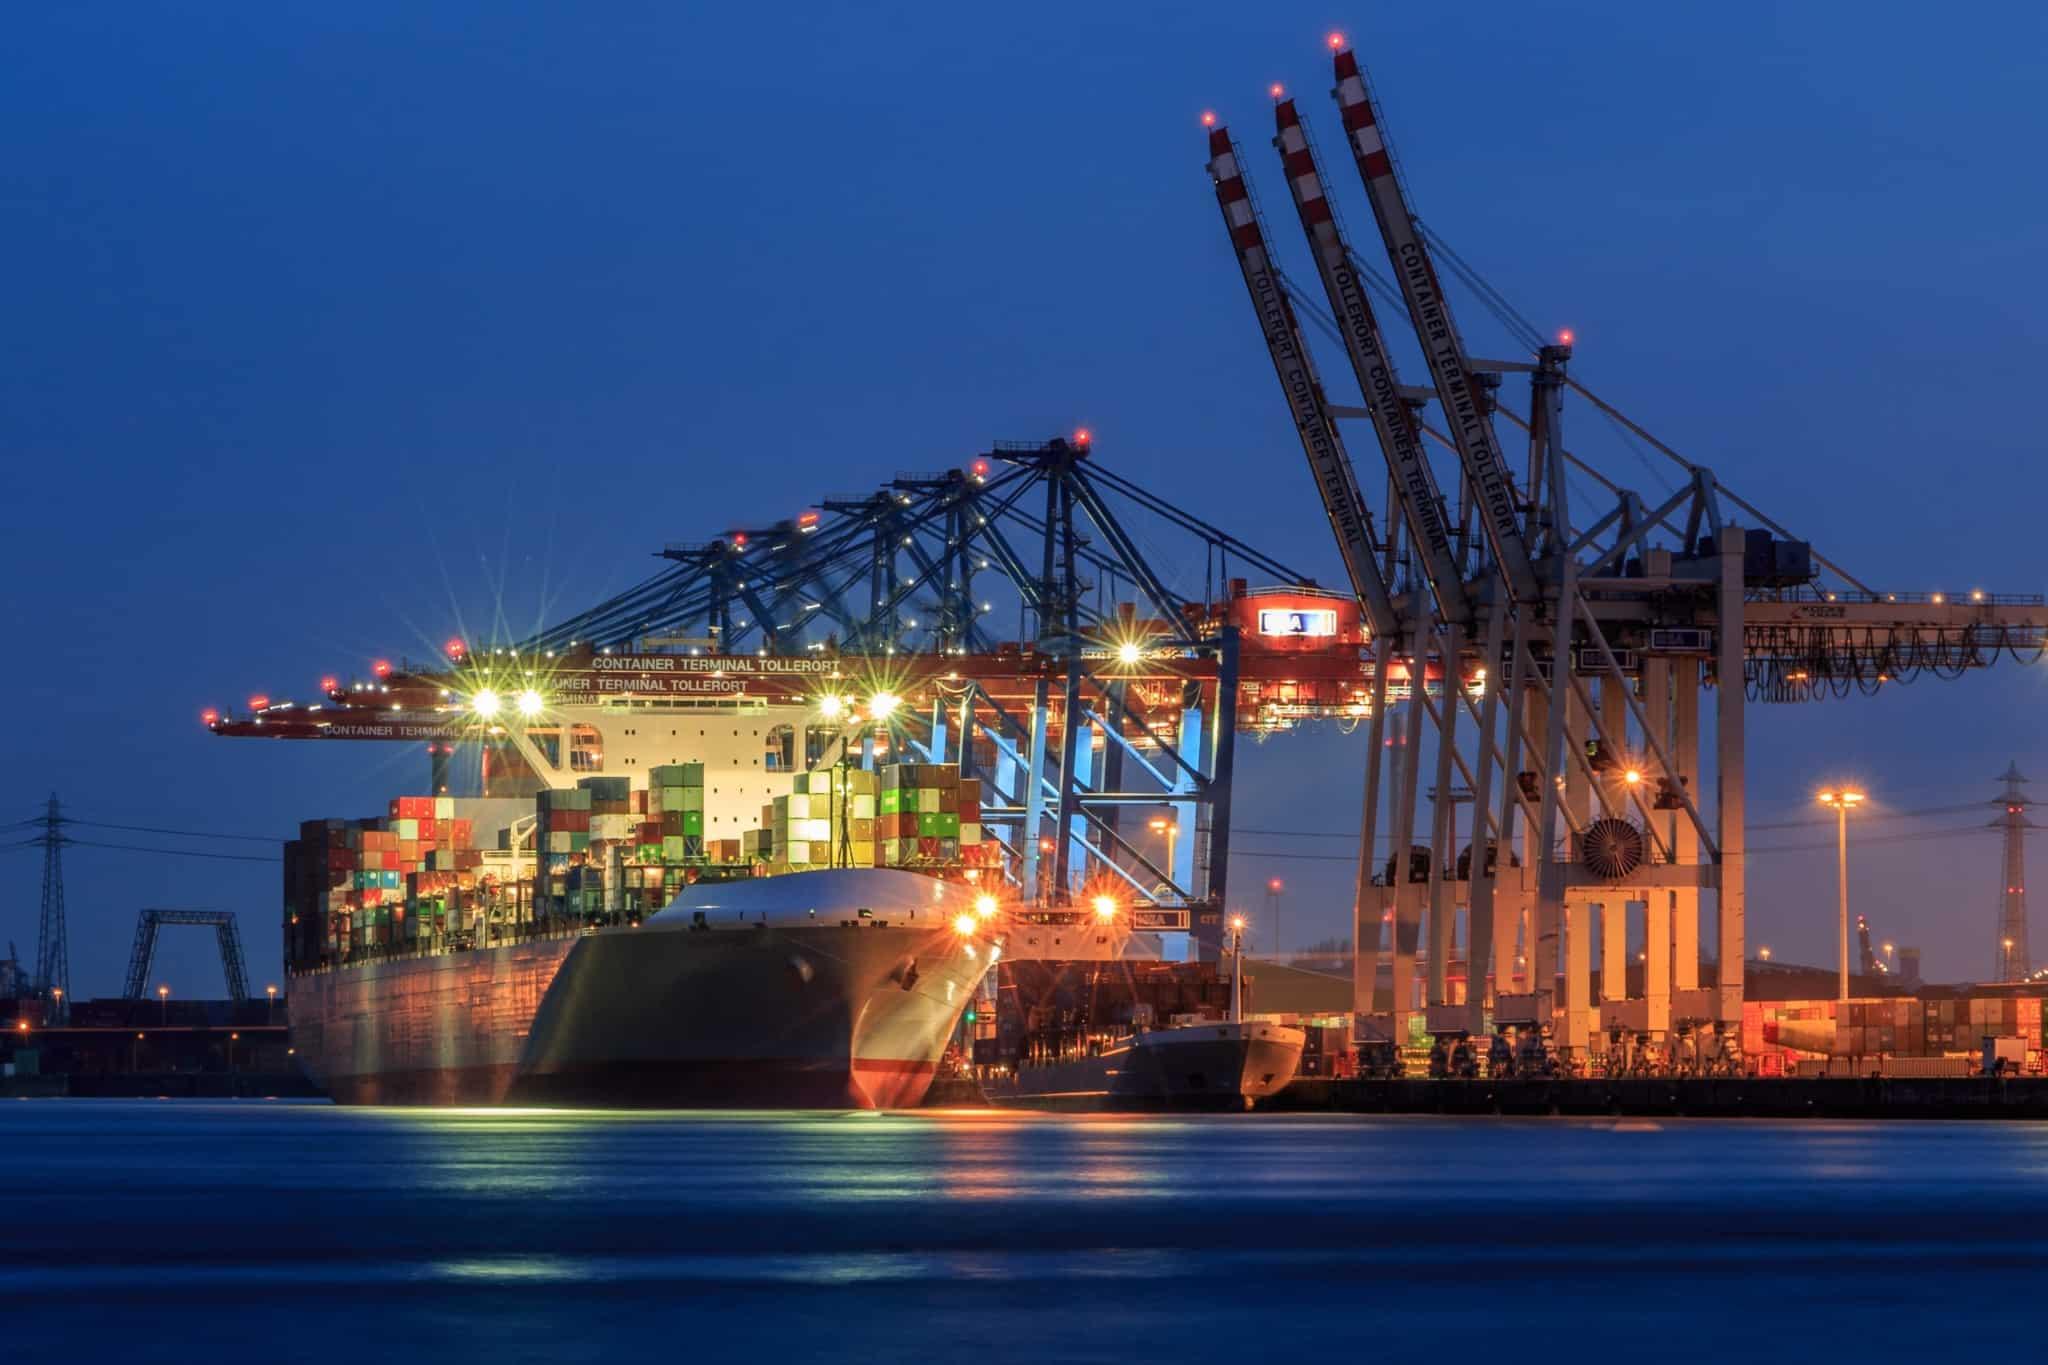 porto de navios à noite